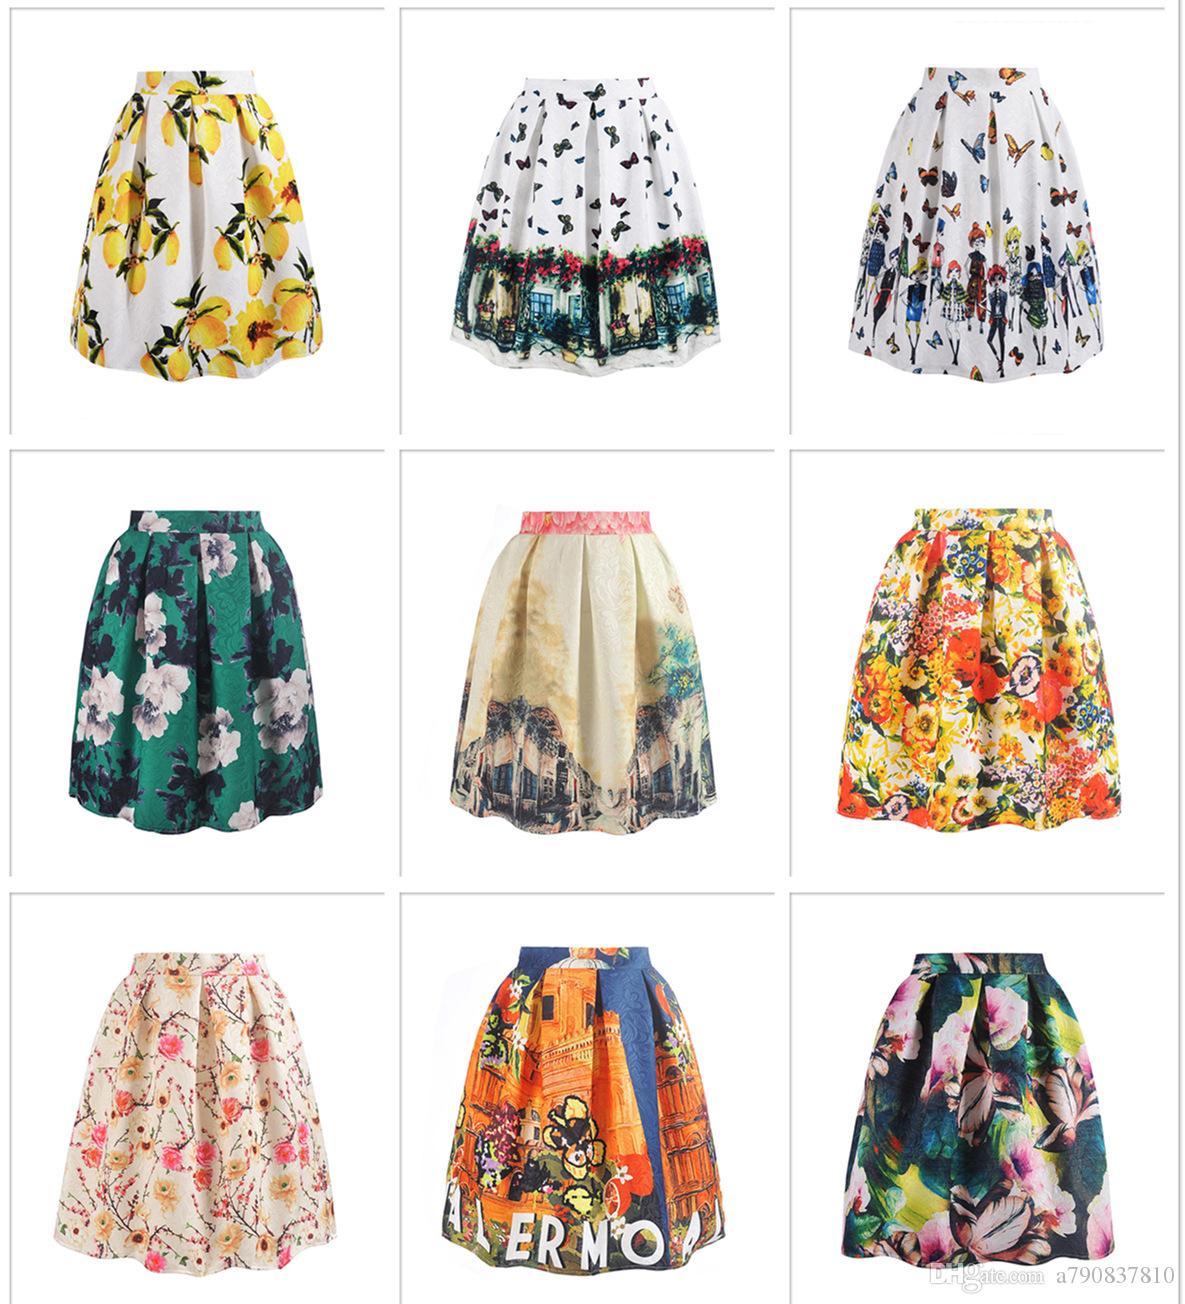 Livraison gratuite DHL Femmes Jupes 2017 Printemps Eté Nouvelles Dames Élégant De La Mode Graffiti Imprimer Taille Haute Midi Jupe Holiday Wear NYC137